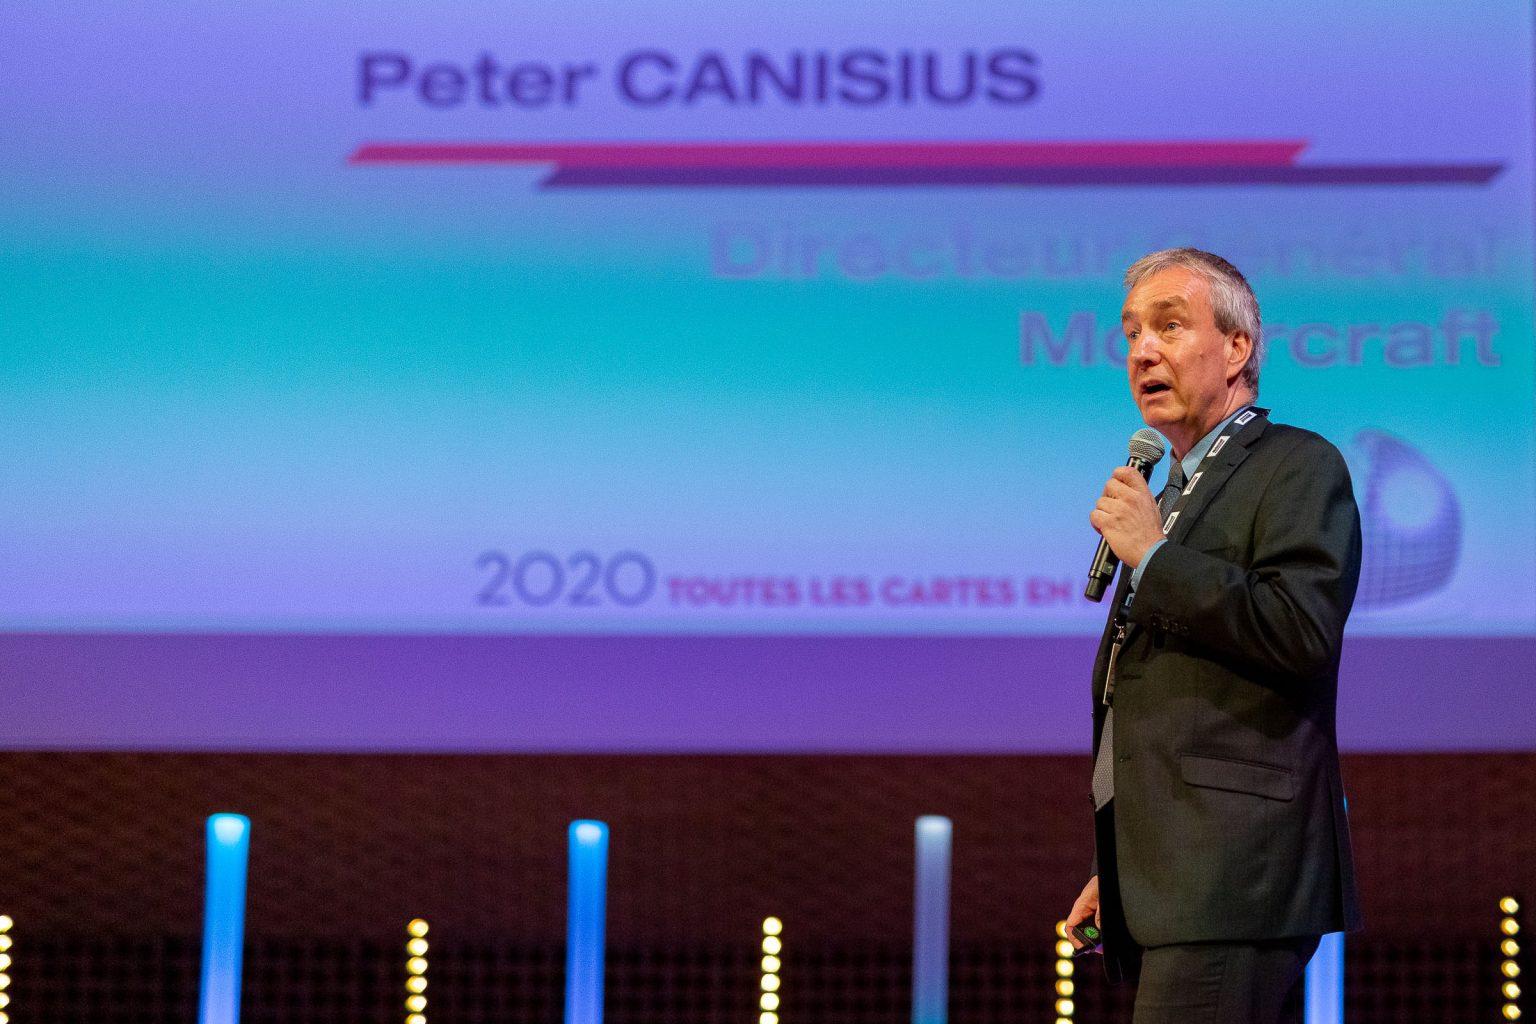 guillaume galmiche photographe événementiel corporate paris Conférence plénière Convention Motorcraft Ford Paris